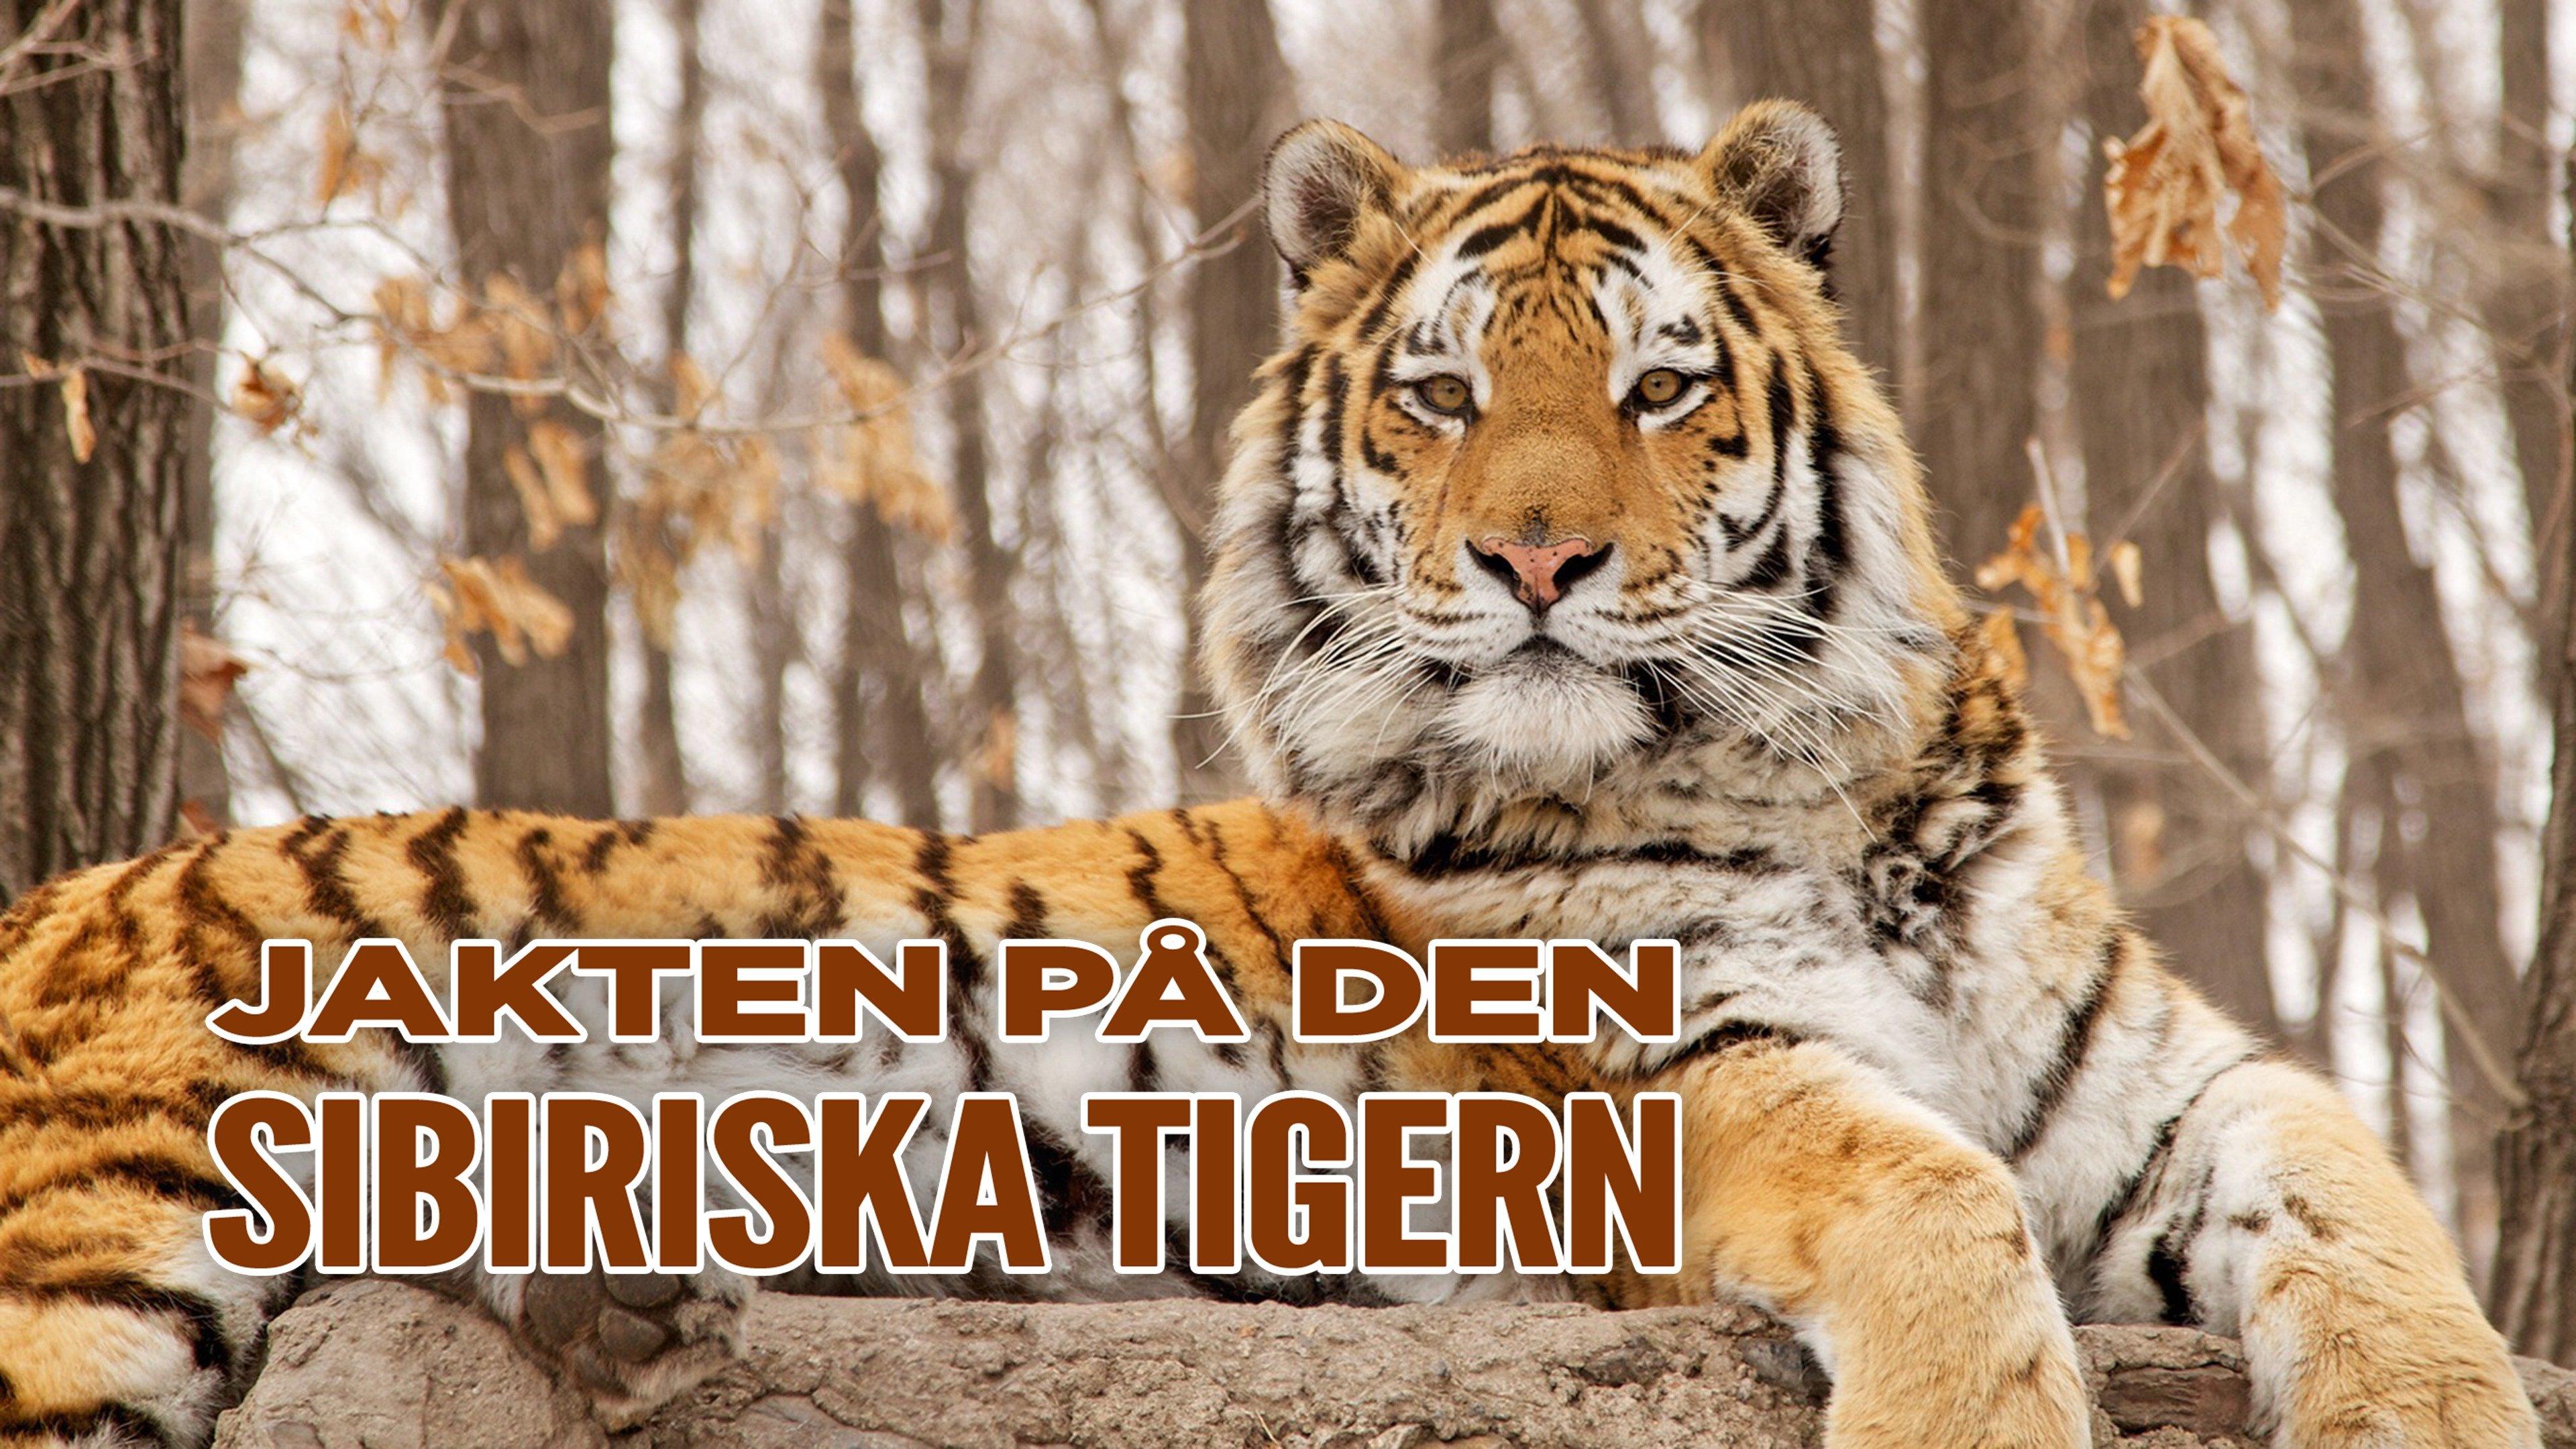 Jakten på den sibiriska tigern